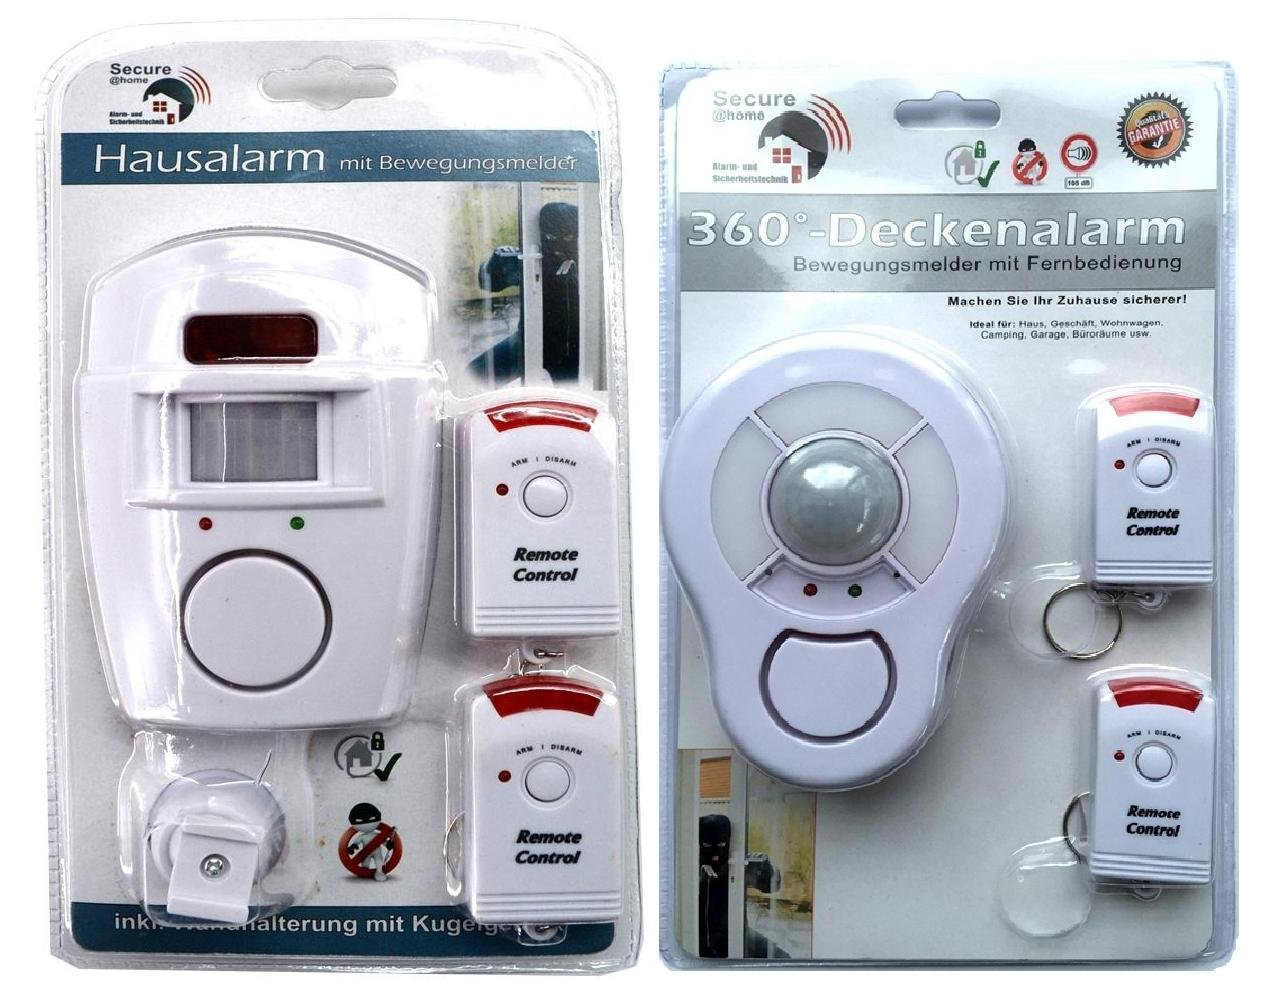 Set Hausalarm & Deckenalarm mit PIR- Bewegungsmelder mit Fernbedienung | Alarm